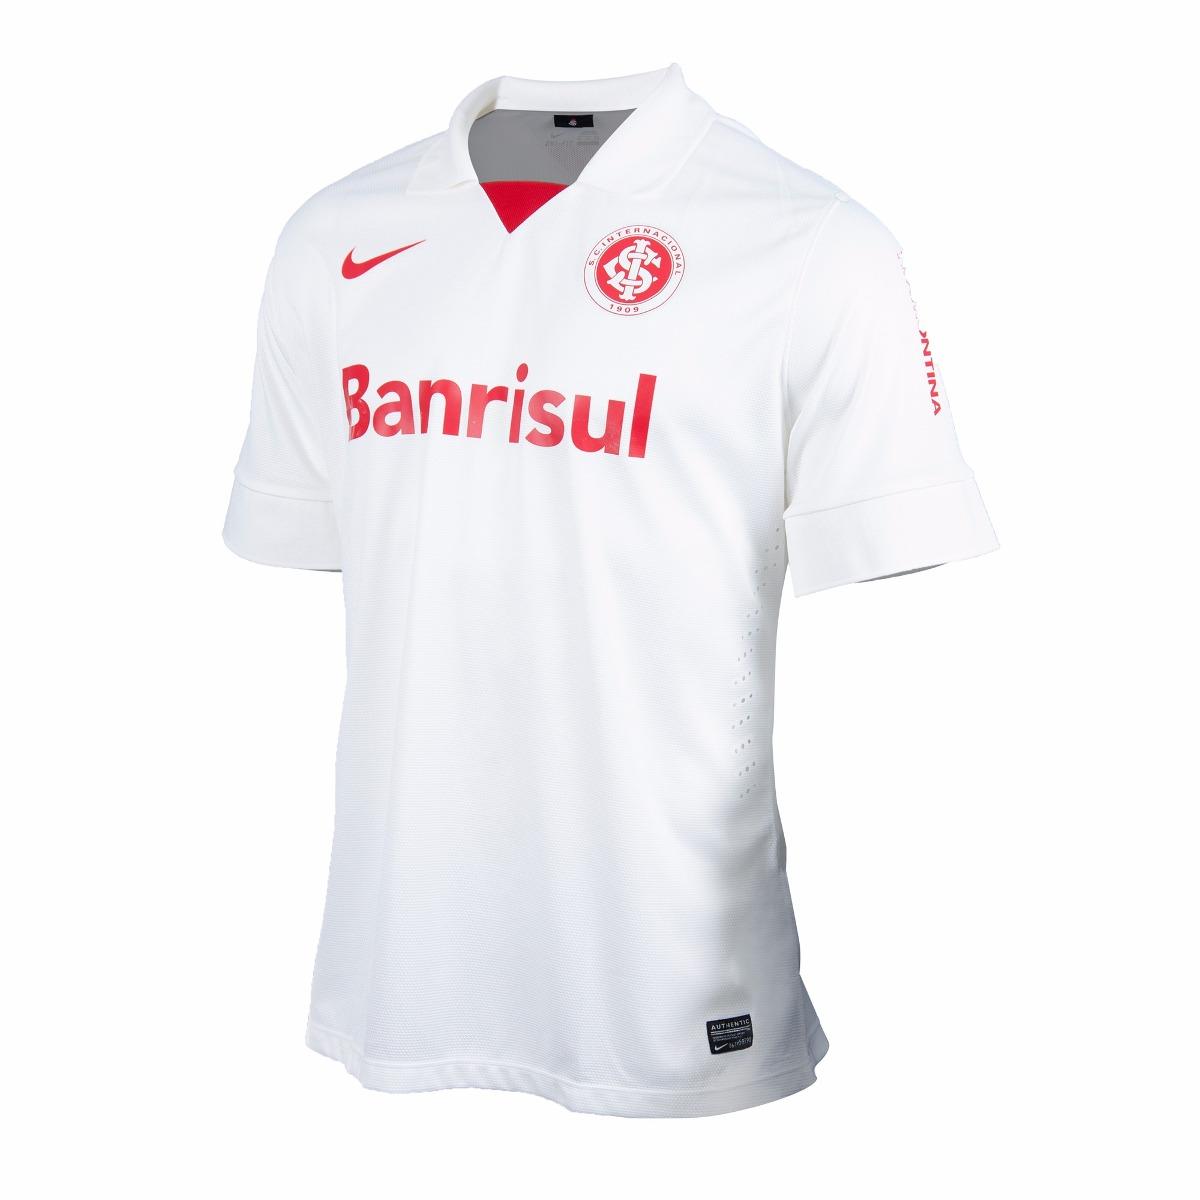 camisa nike internacional oficial jogador branca. Carregando zoom. 619046b1b4aad